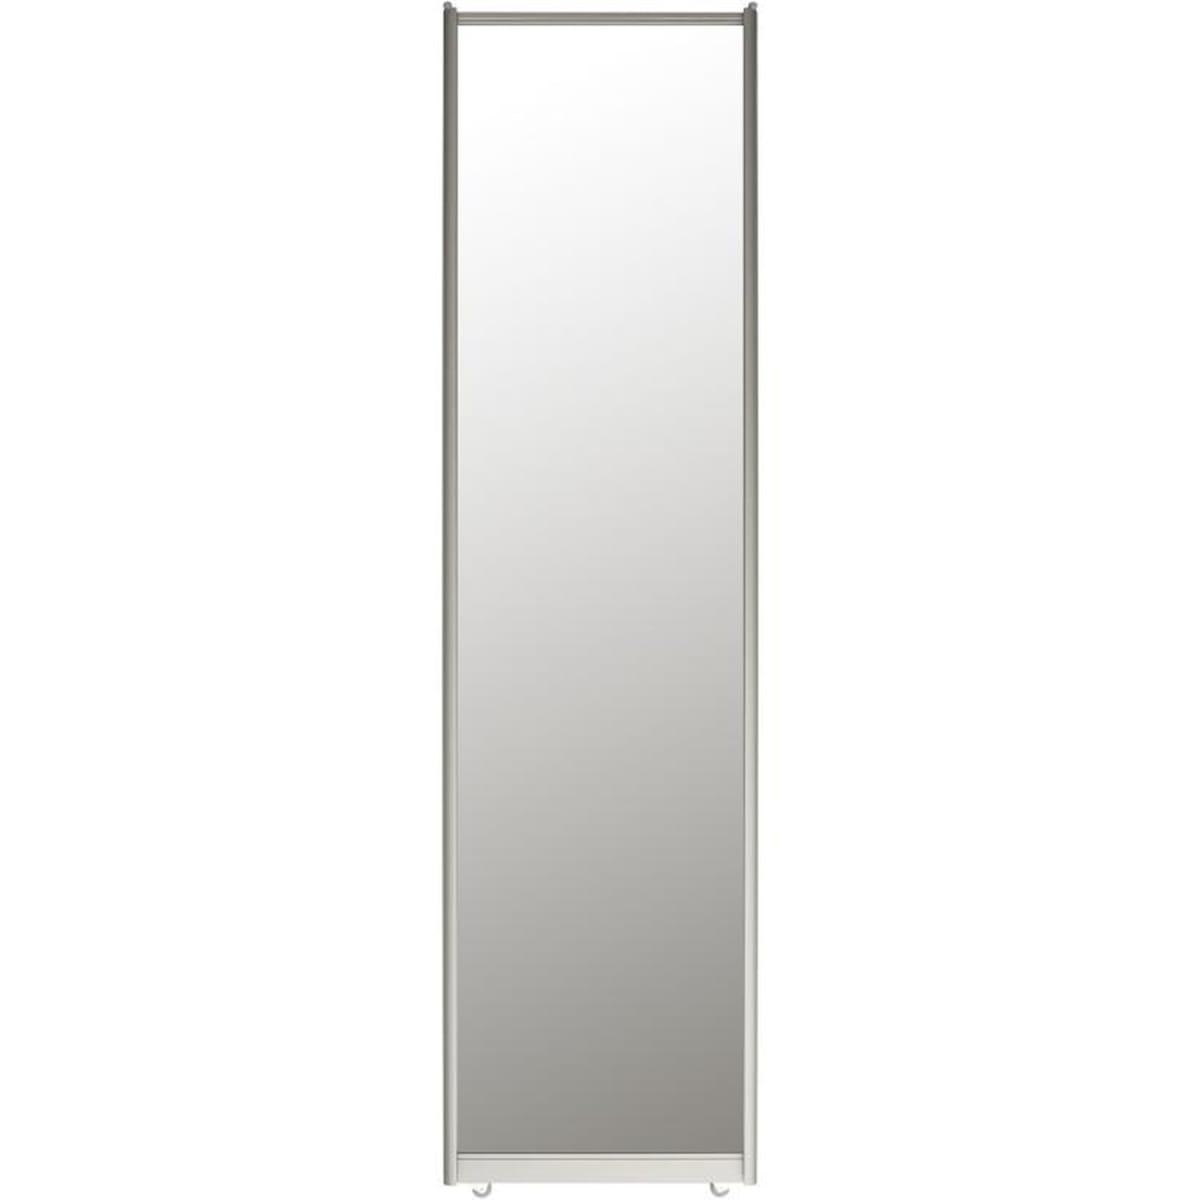 Дверь-купе Spaceo 2455х904 мм зеркало